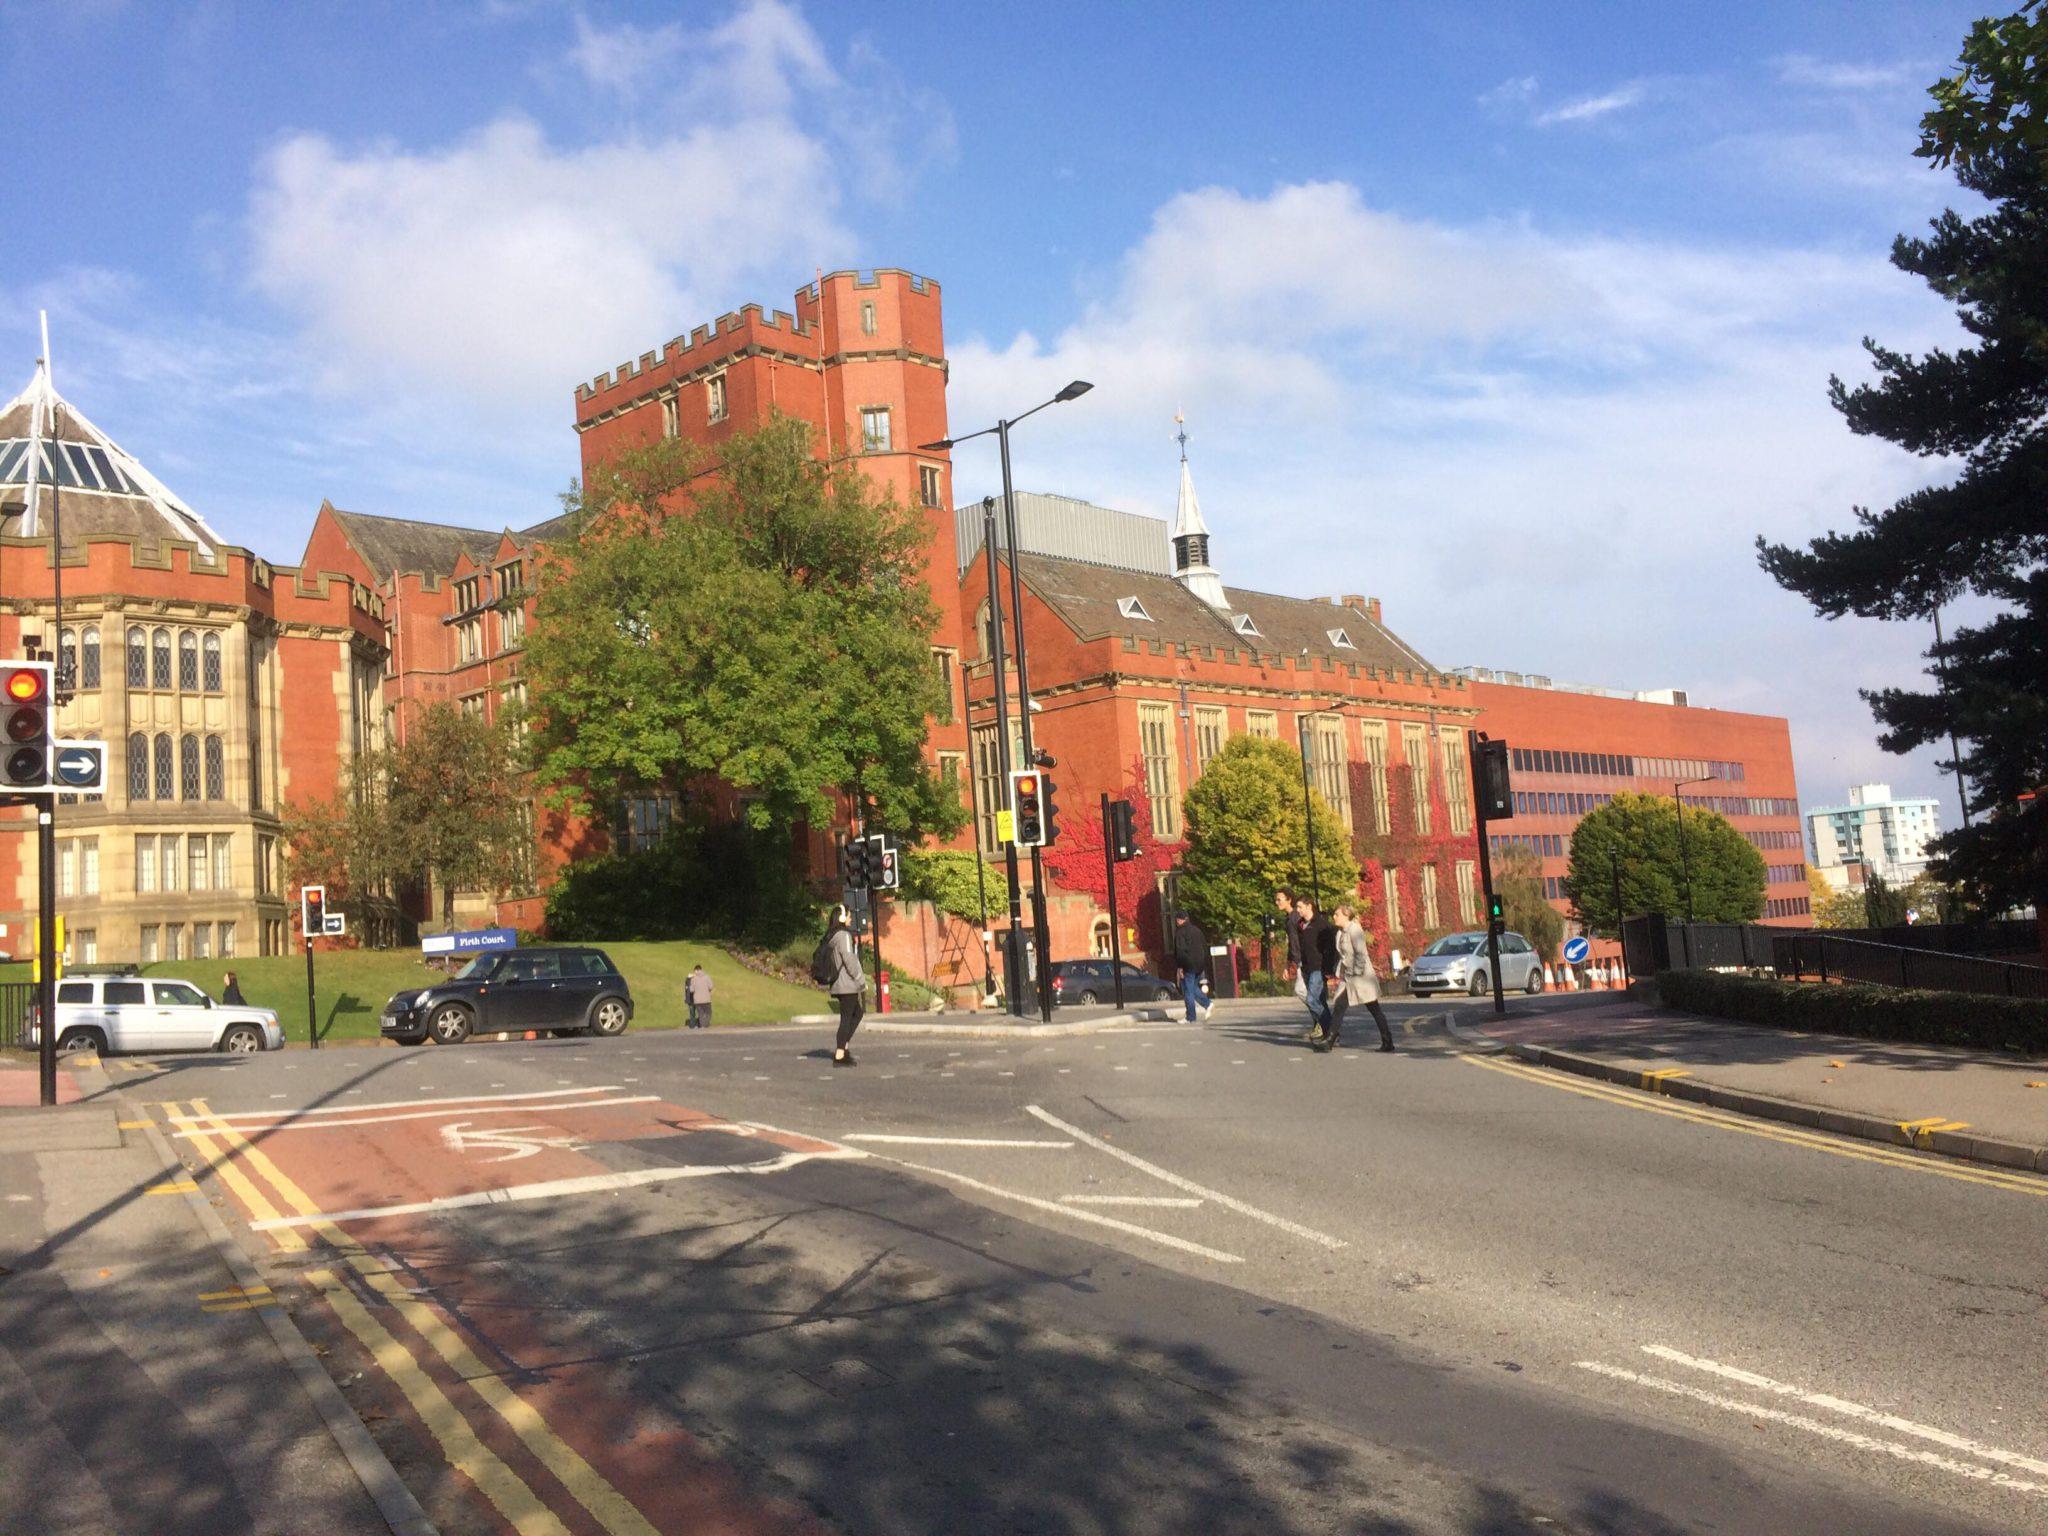 Uniwersytet Sheffield Firth Court